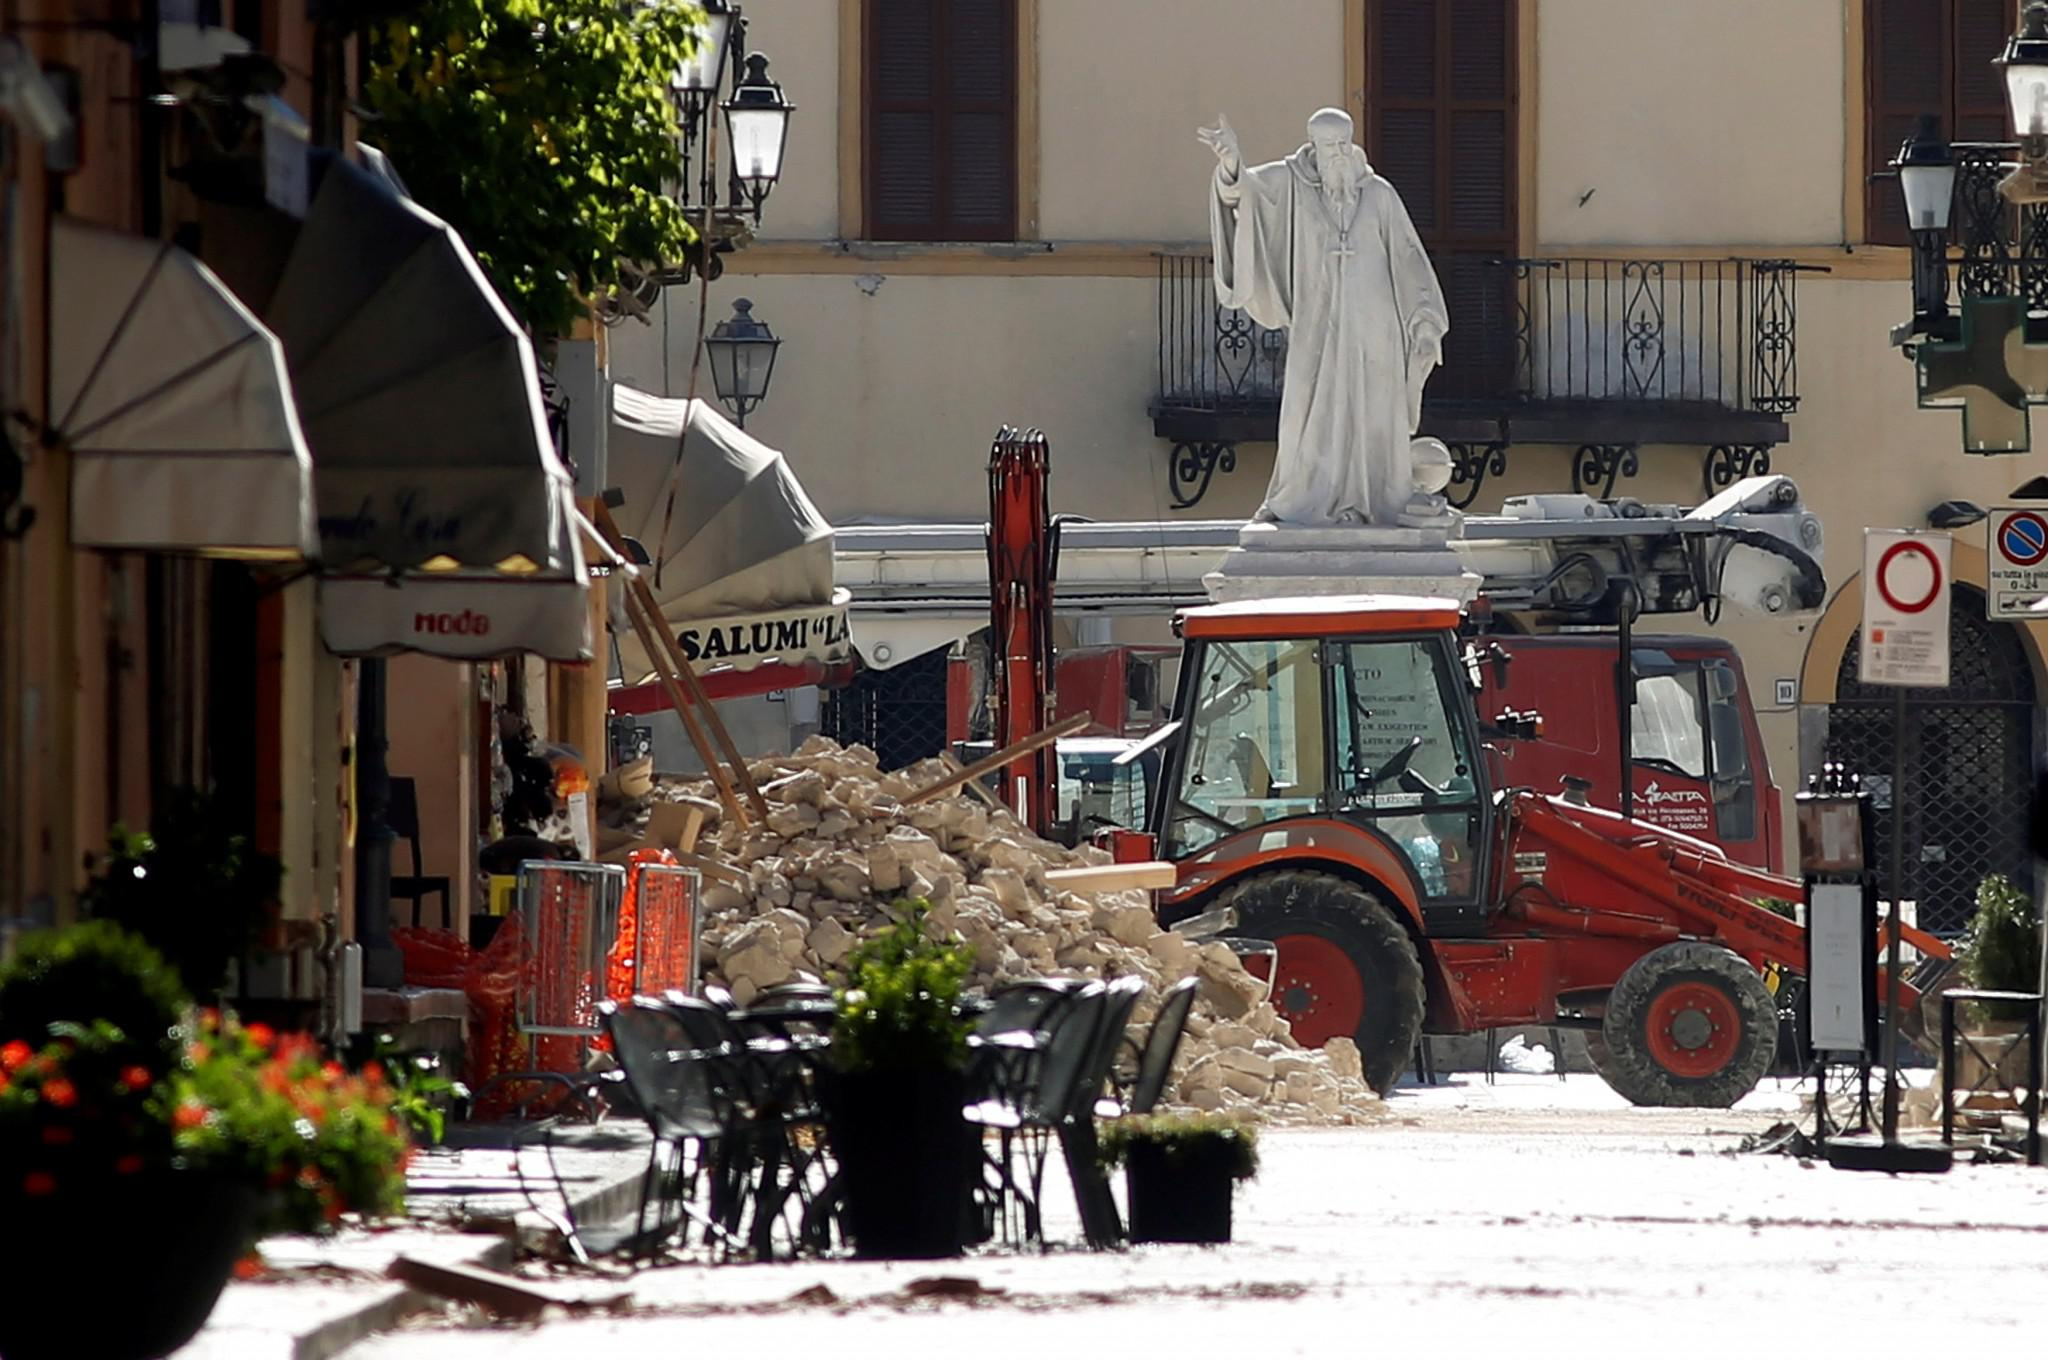 italia-seismos-traumaties-neos-1300-3 Τραυματίες και καταστροφές από τον νέο σεισμό των 6.7 Ρίχτερ στην Ιταλία